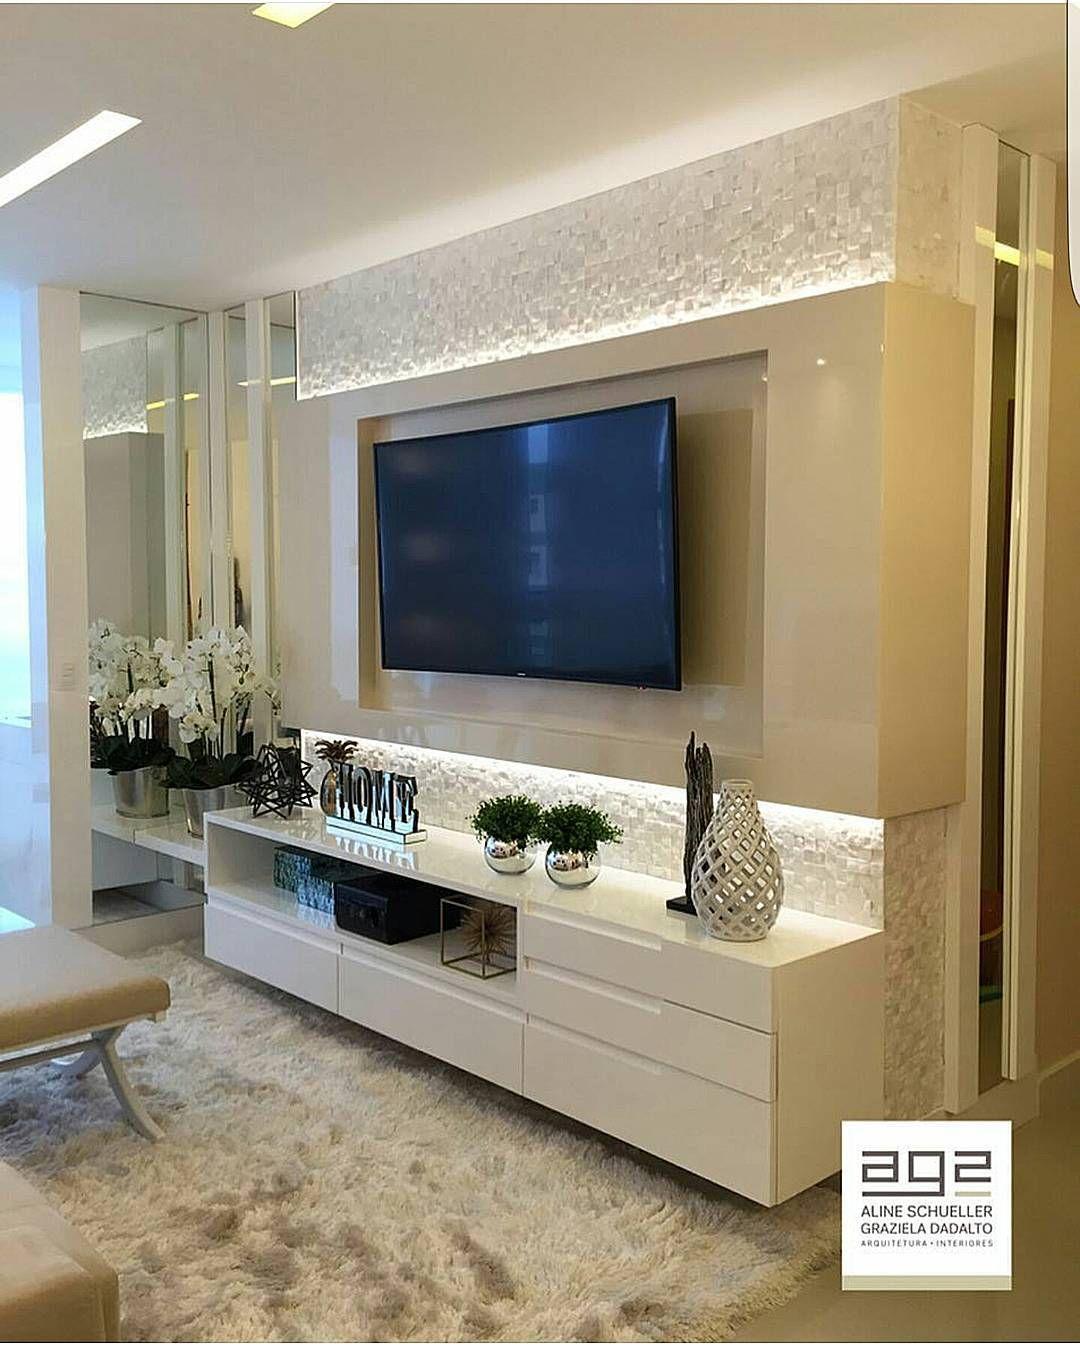 Painel para TV lindo valorizado pela iluminao Projeto AG2